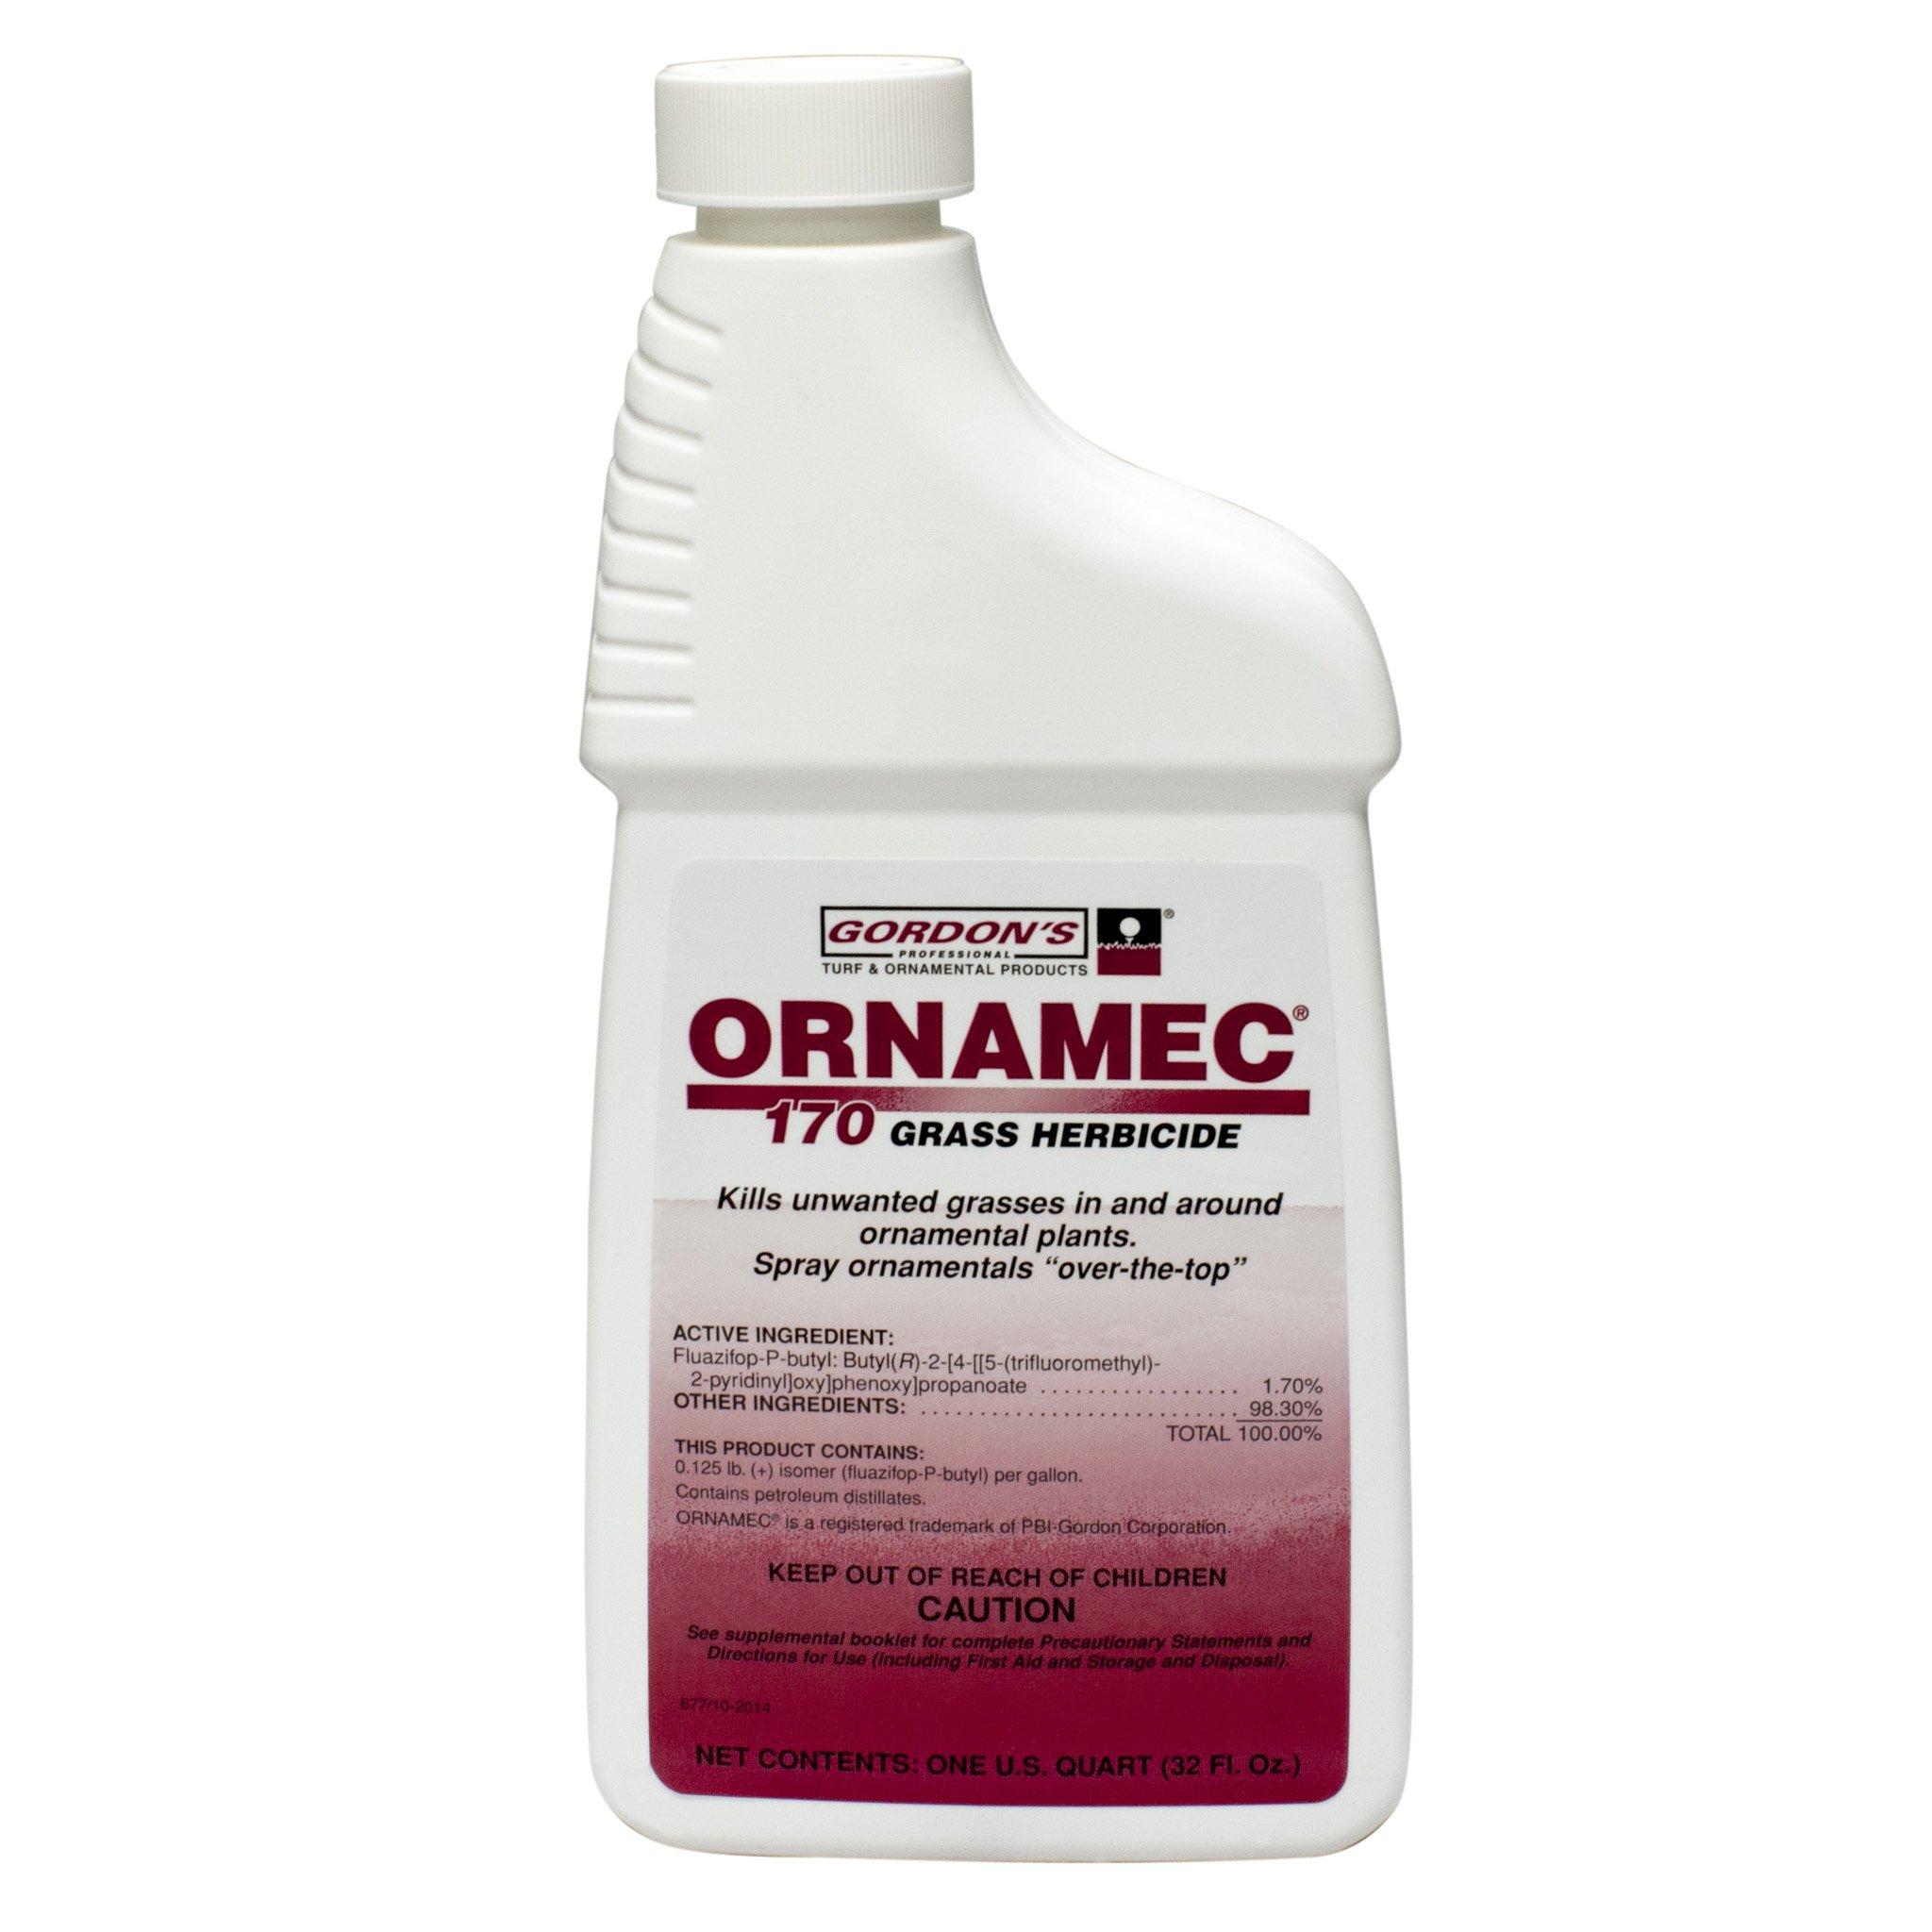 Gordon's Ornamec 170 Grass Herbicide, 32 Ounces